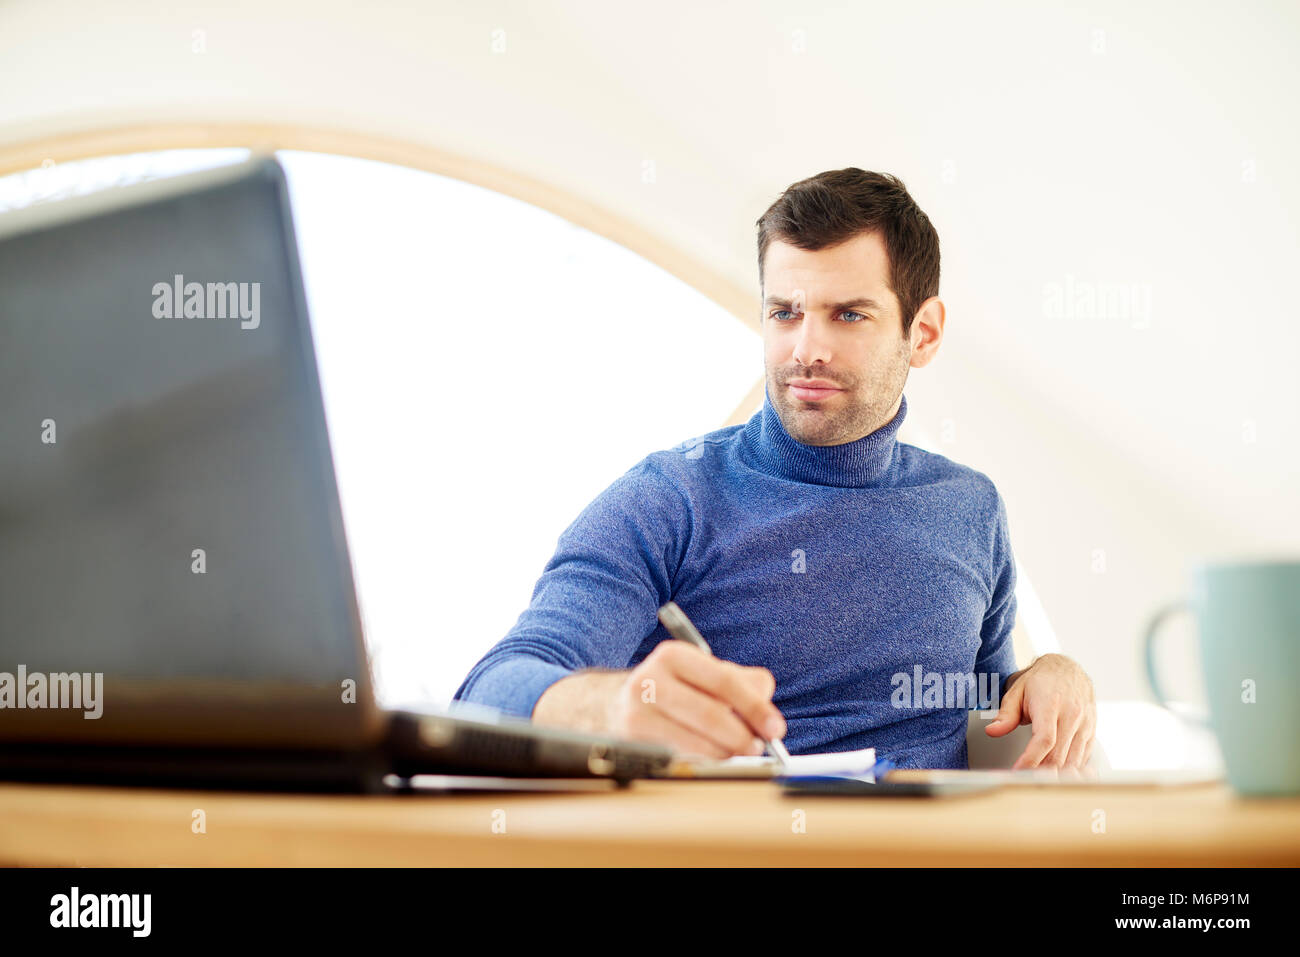 Portrait von Casual jungen Mann mit Rollkragen Pullover und Suchen thoughtul während der Arbeit 17-32 Laptop Stockbild